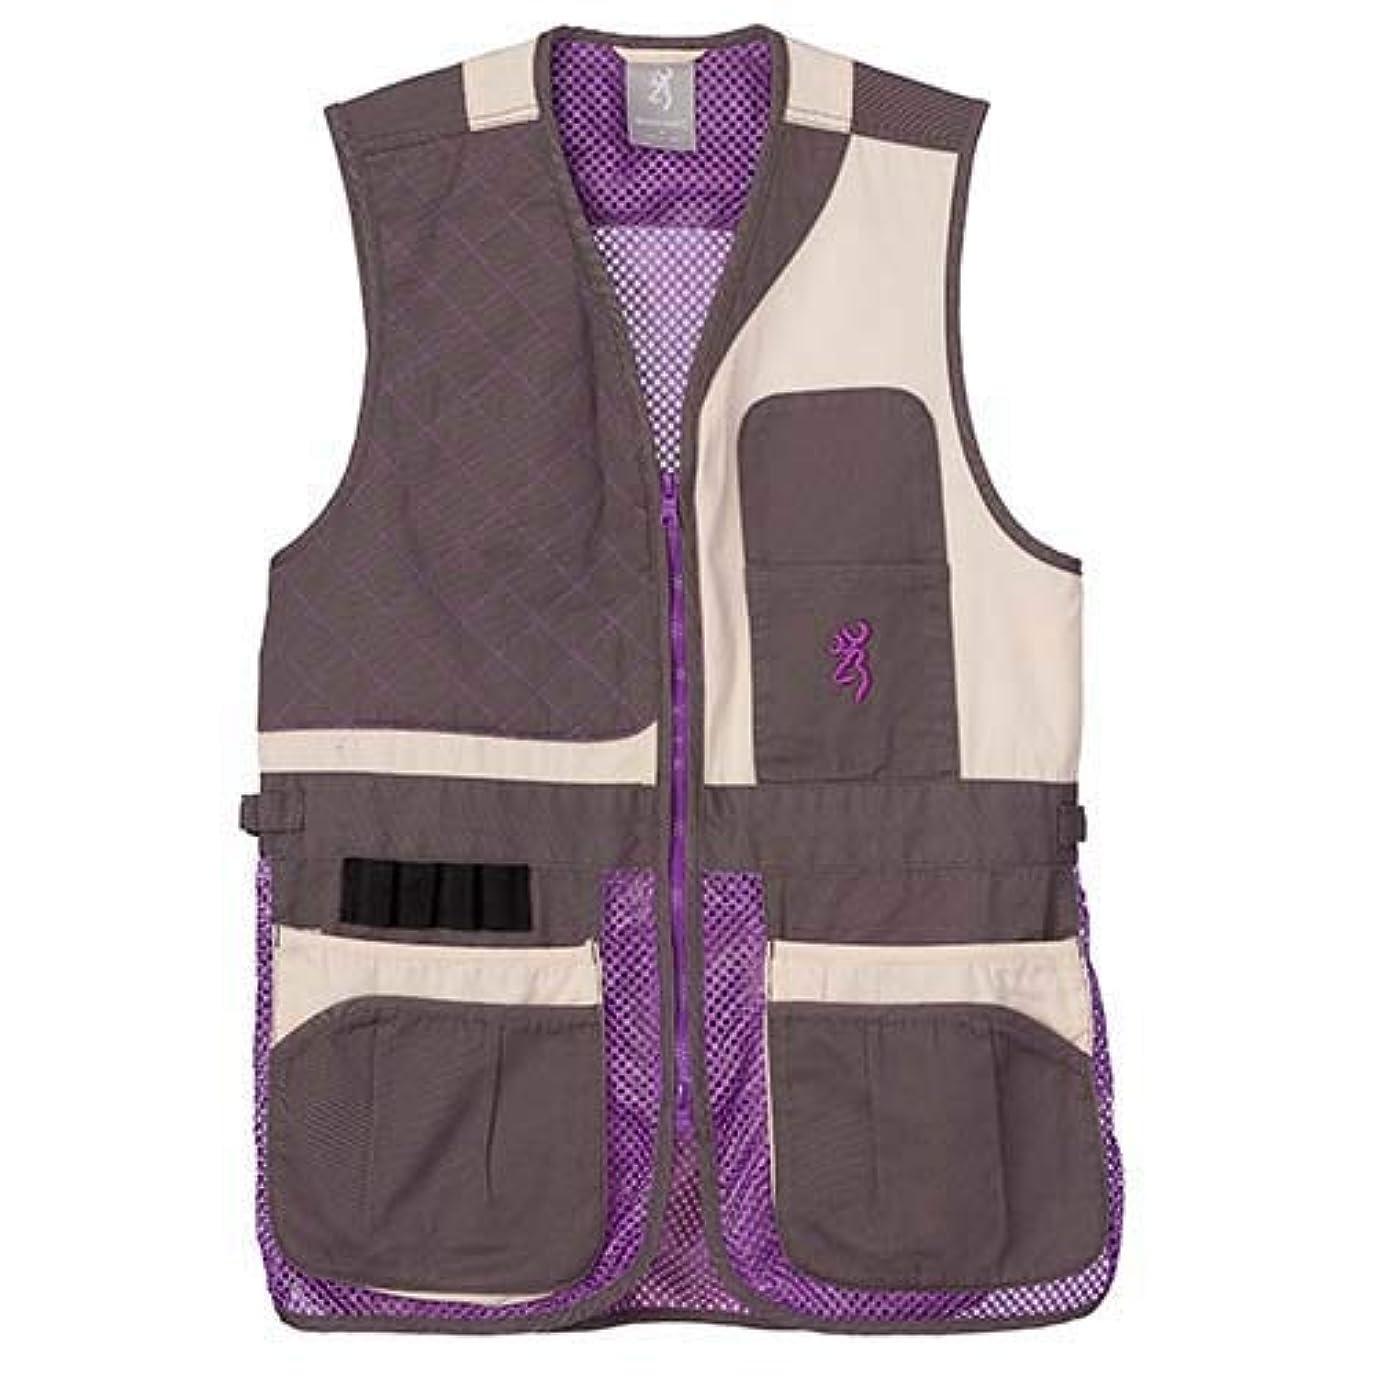 リングバック乱す重要BrowningレディースTrapper CreekメッシュShooting vest-cream/Plum/グレー